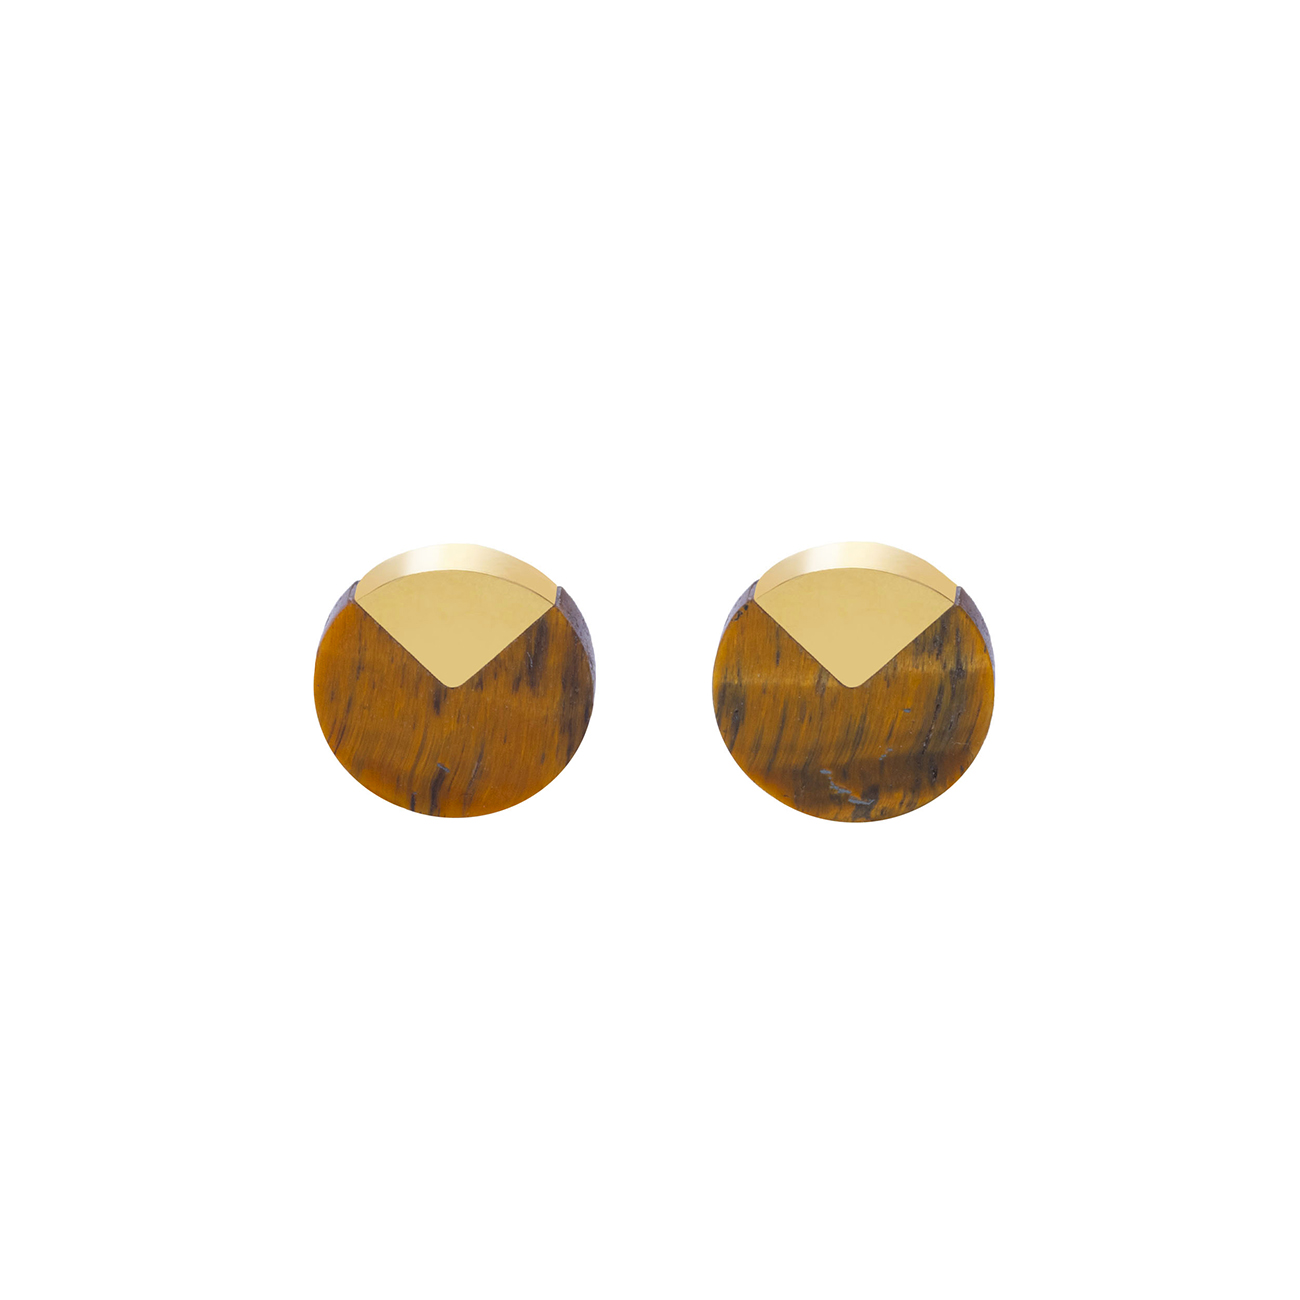 metaformi_design_jewelry_split_pie_earrings_tiger_eye